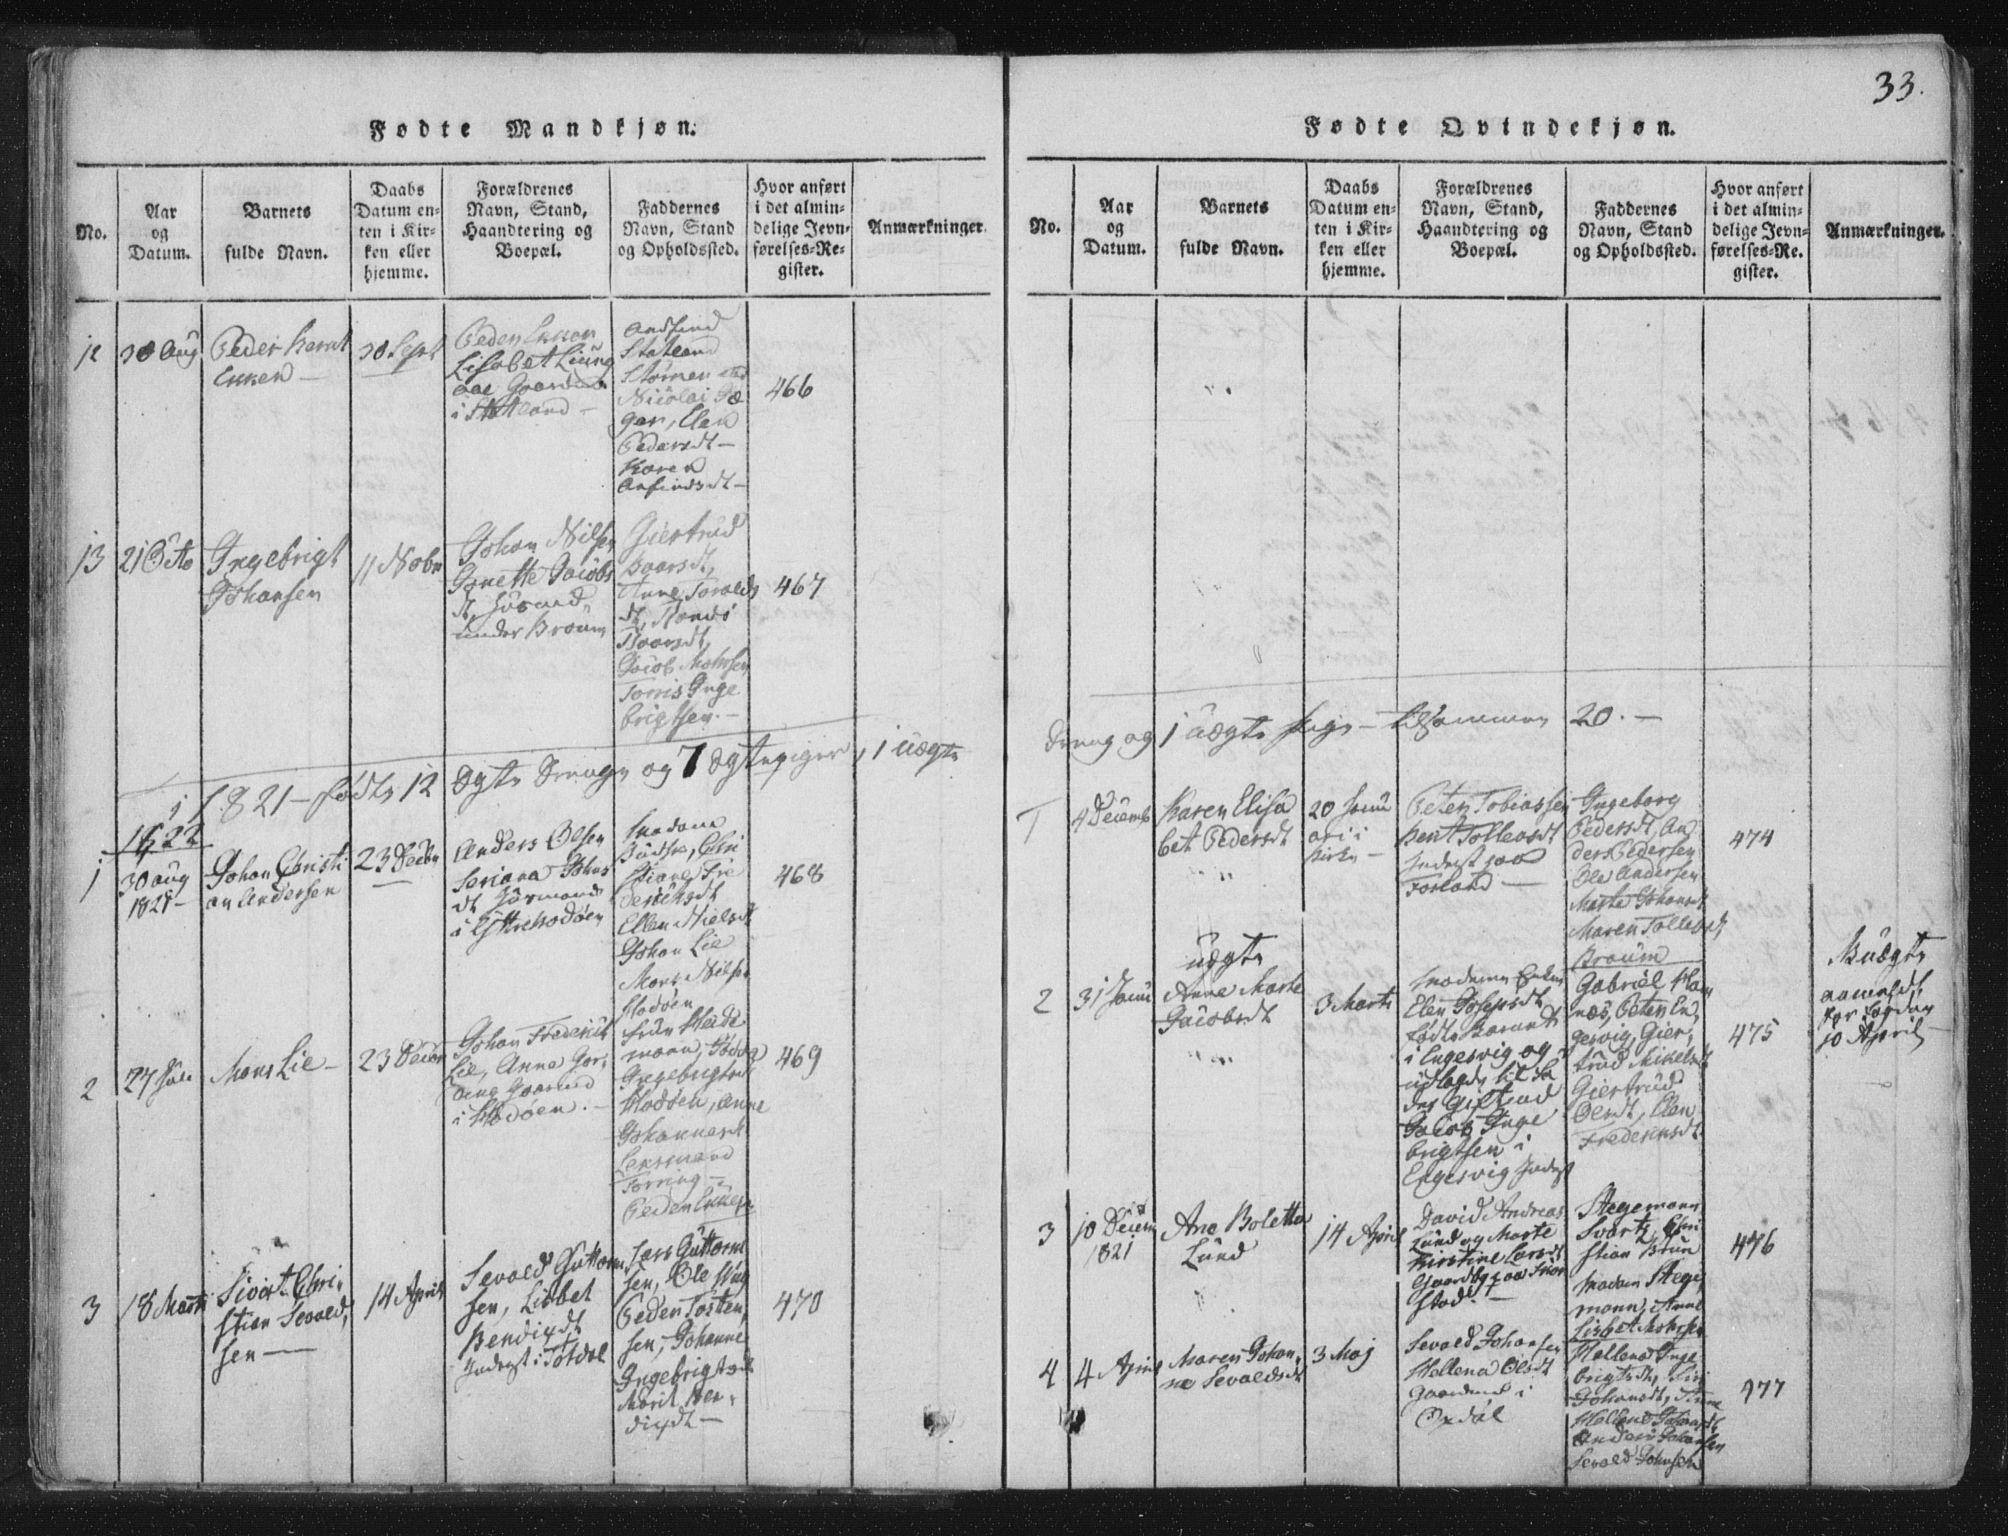 SAT, Ministerialprotokoller, klokkerbøker og fødselsregistre - Nord-Trøndelag, 773/L0609: Ministerialbok nr. 773A03 /2, 1815-1830, s. 33